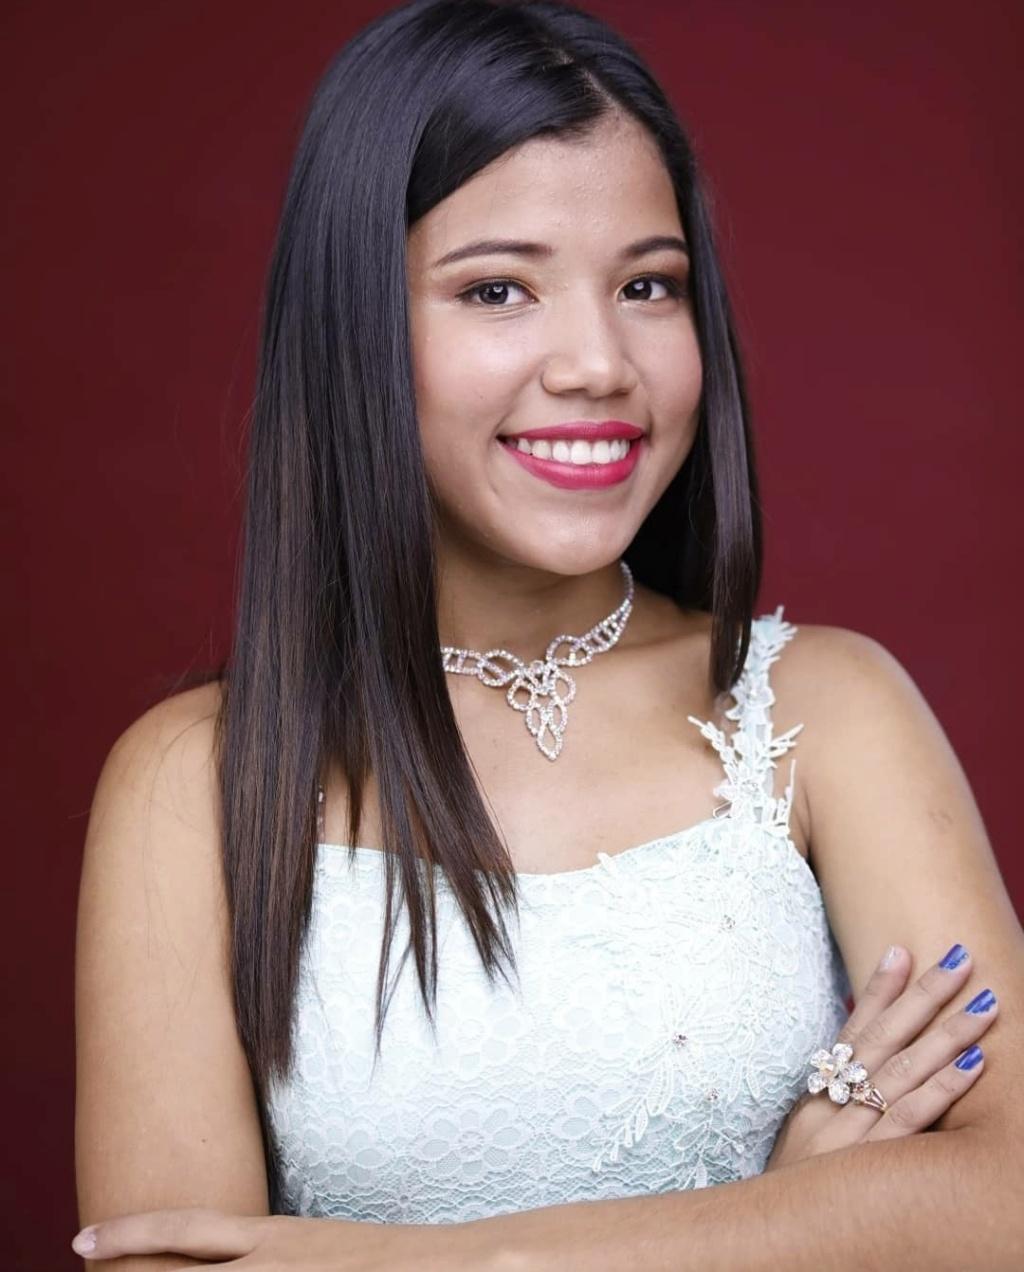 DEBATE sobre belleza, guapura y hermosura (fotos de chicas latinas, mestizas, y de todo) - VOL II - Página 7 Img_1237